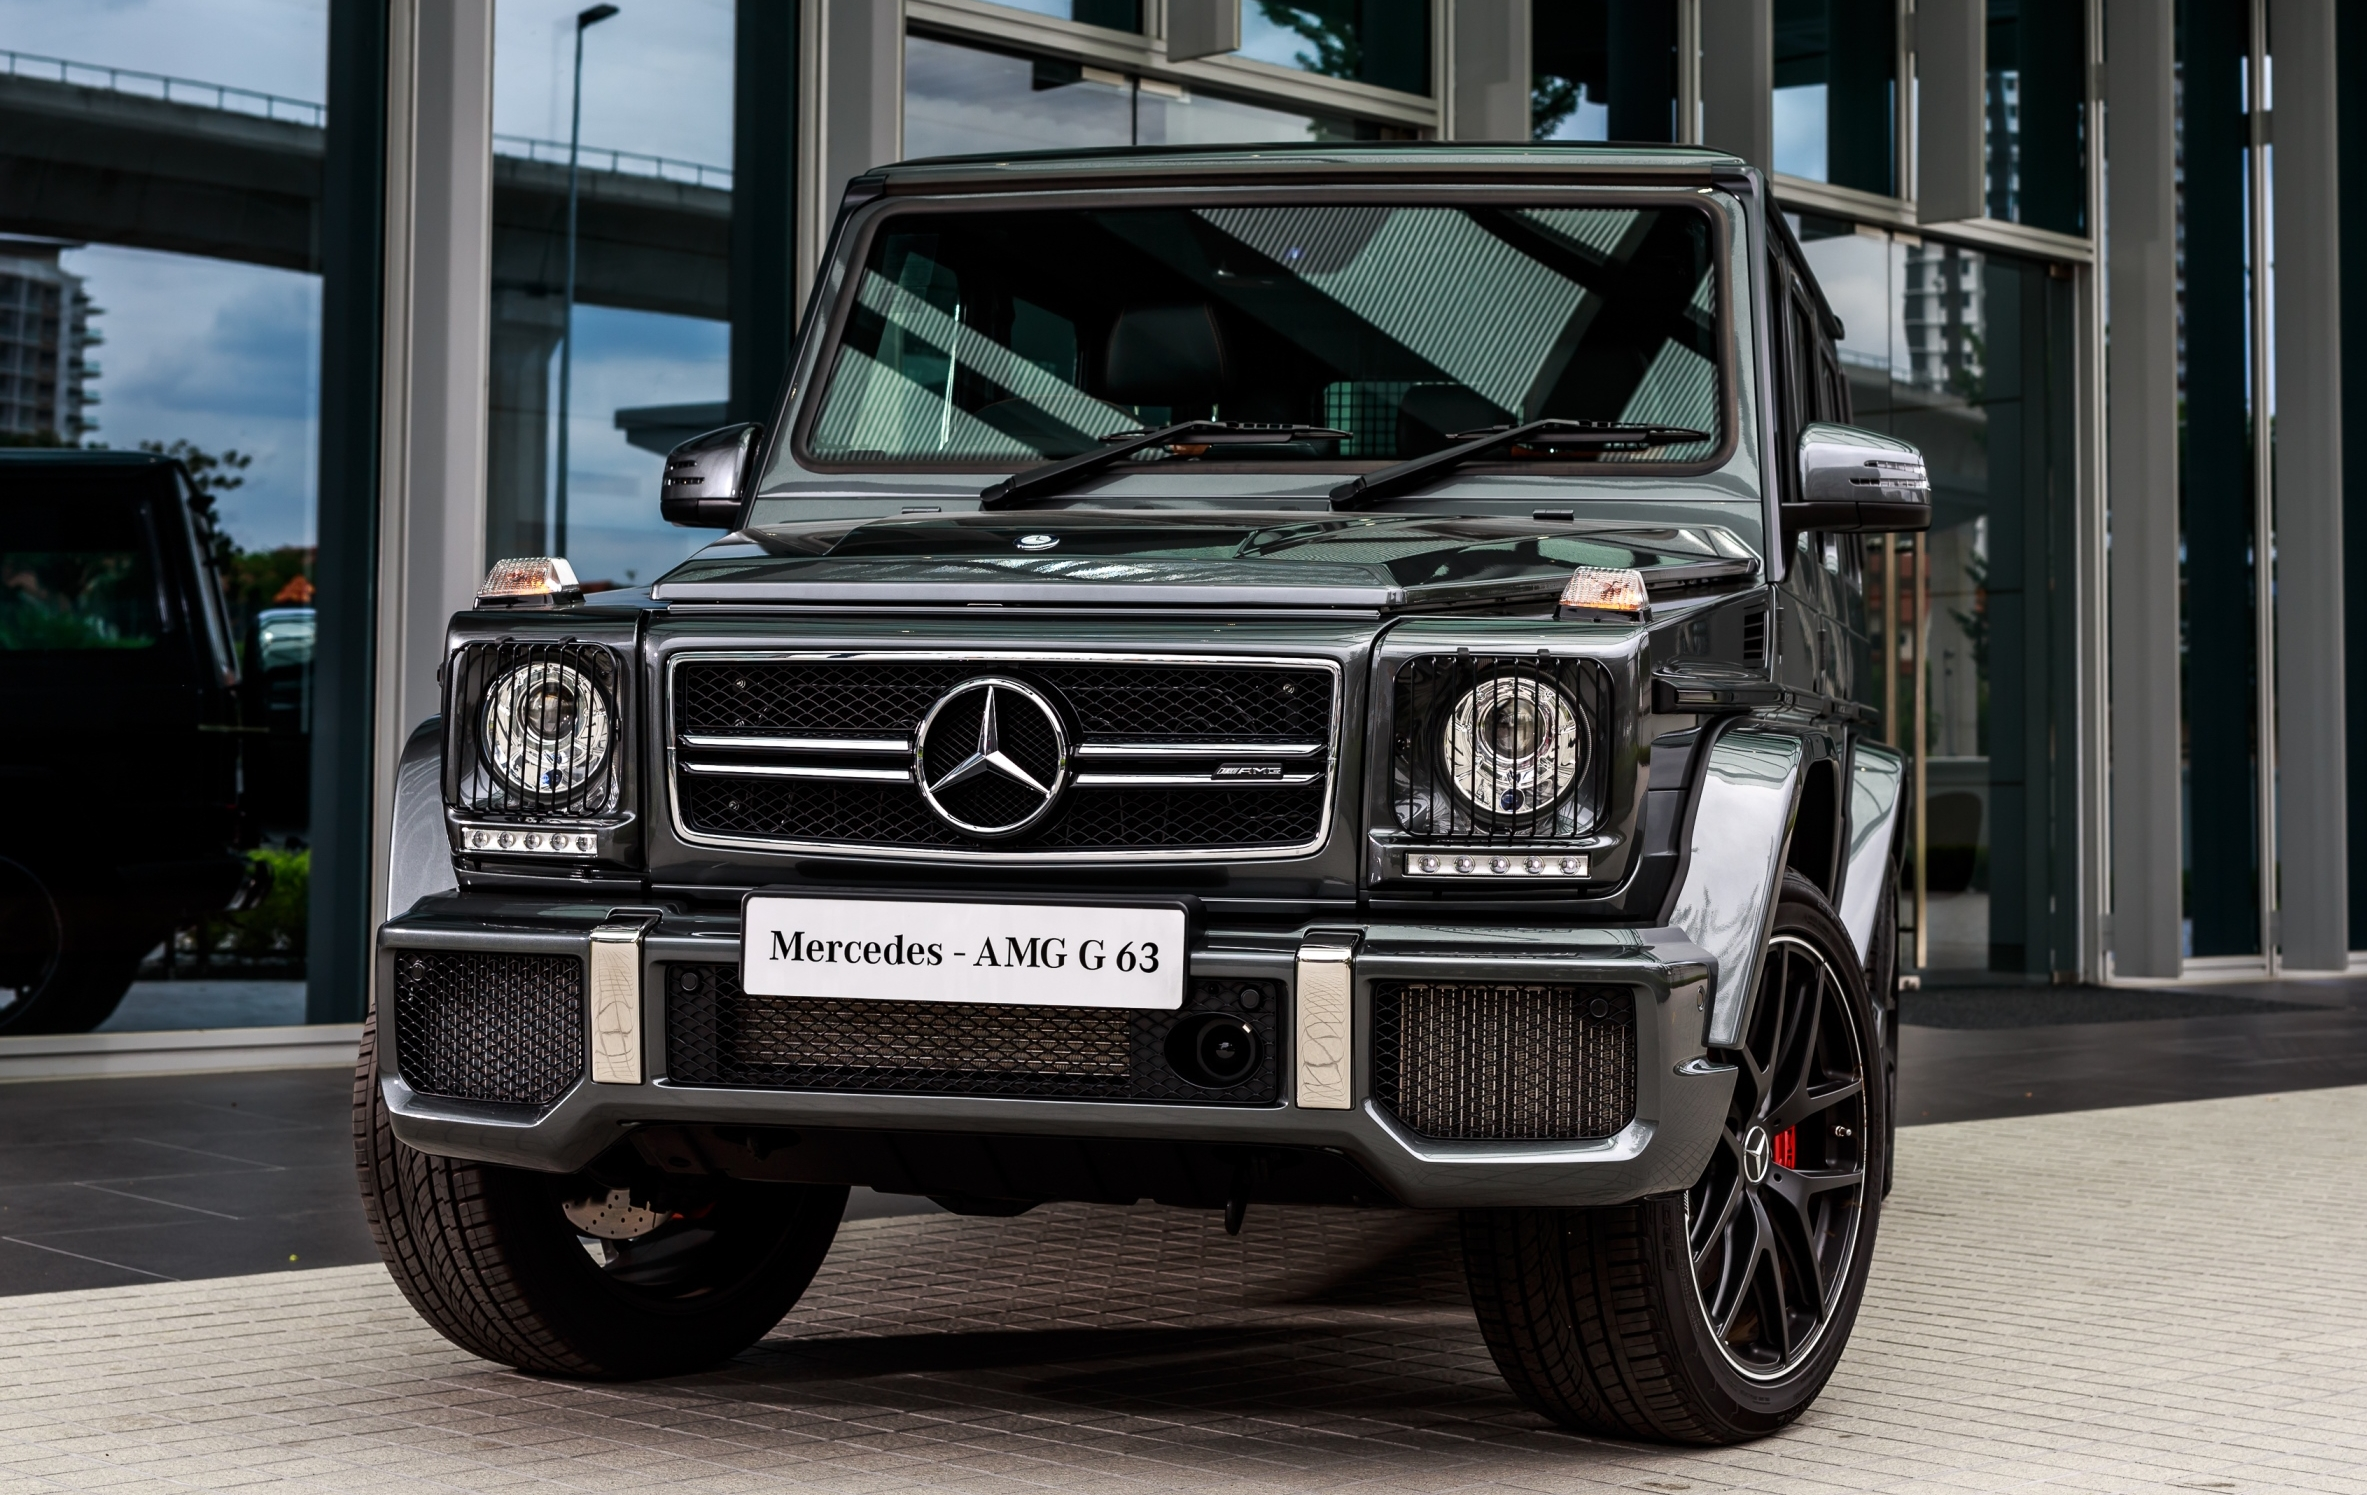 Mercedes Benz G Class Amg